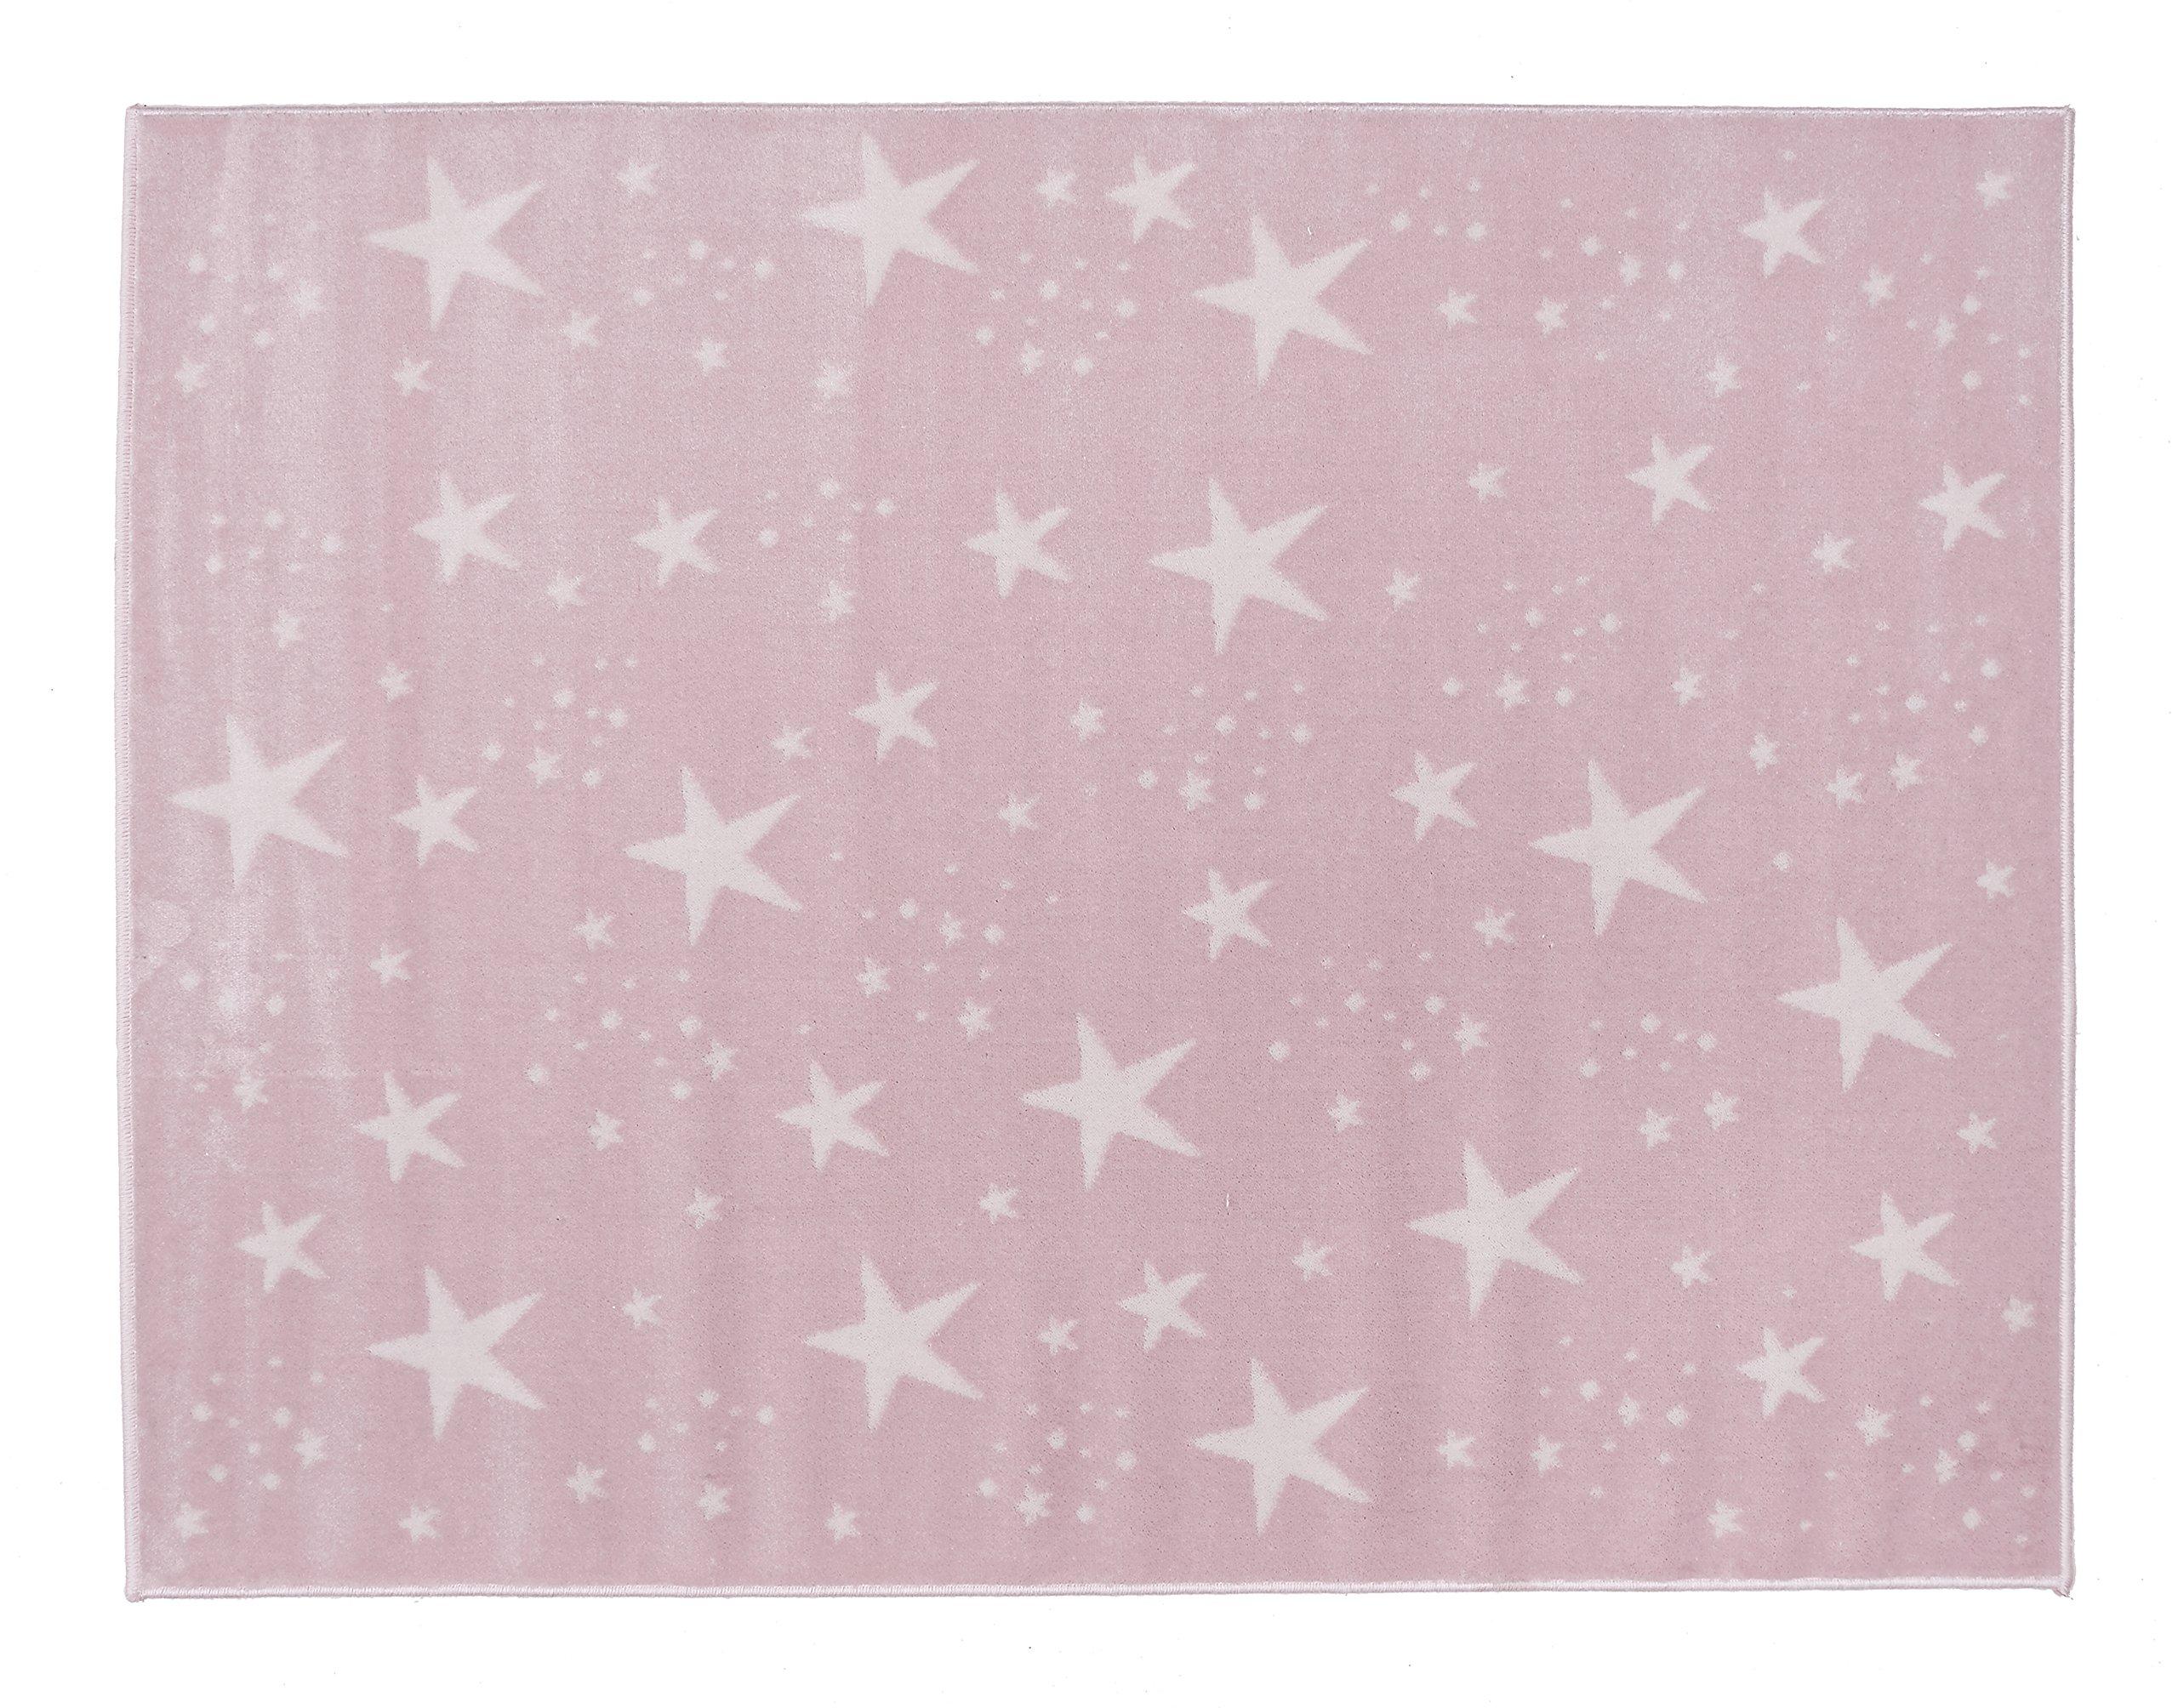 Aratextil. Bambini Tappeto 100% Acrilico. Coleccion Cielo Rosa 140x200 cms